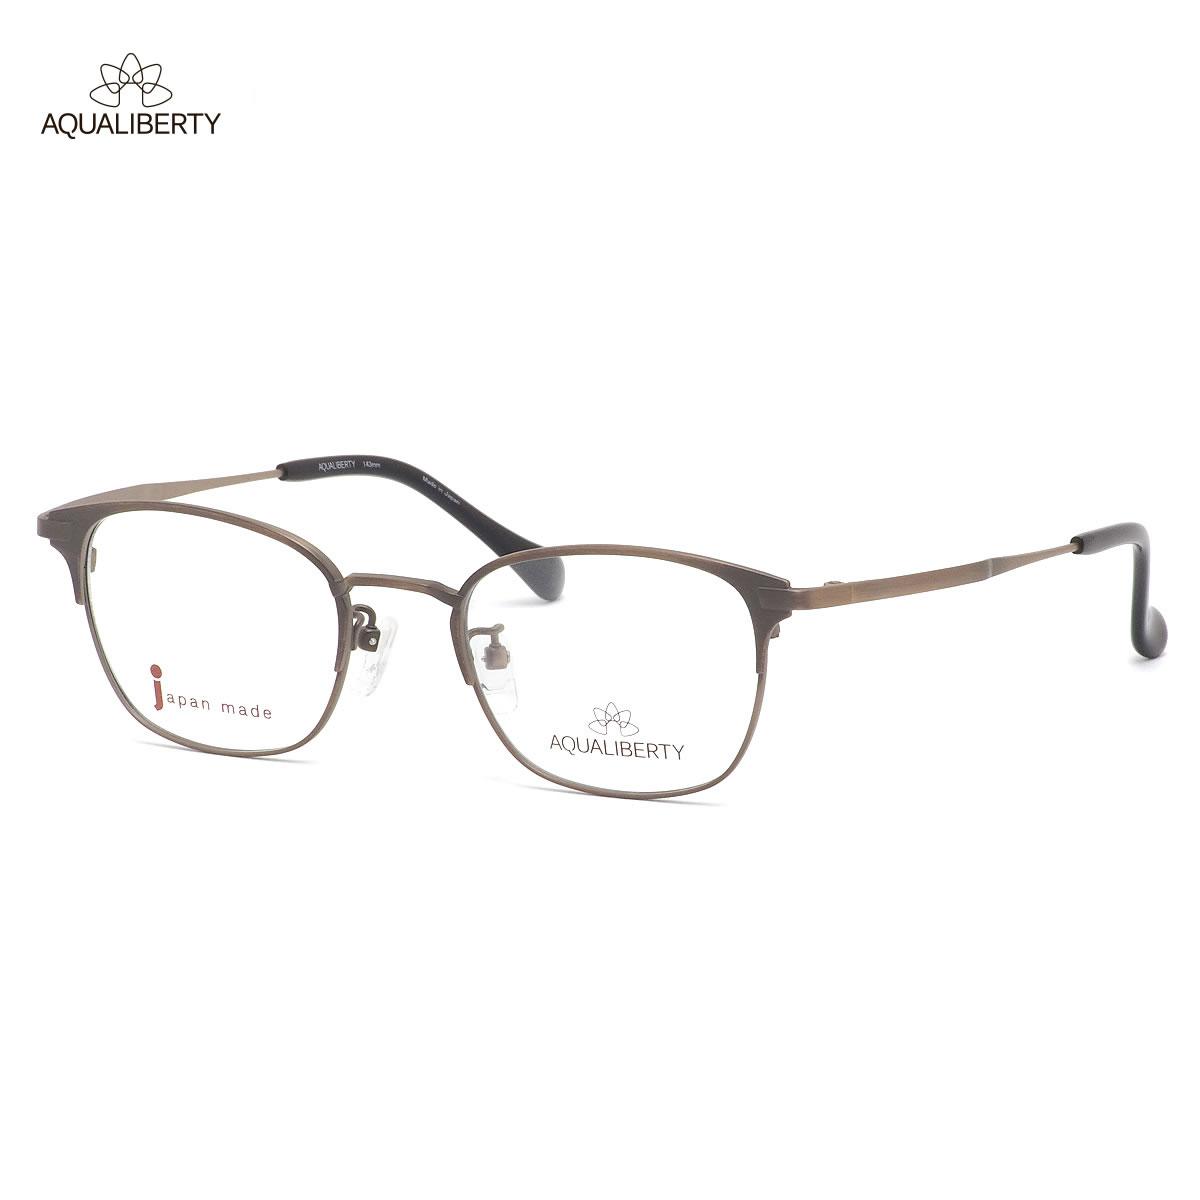 眼鏡・サングラス, 眼鏡  AQ22524 AG 48 AQUALIBERTY MADE IN JAPAN